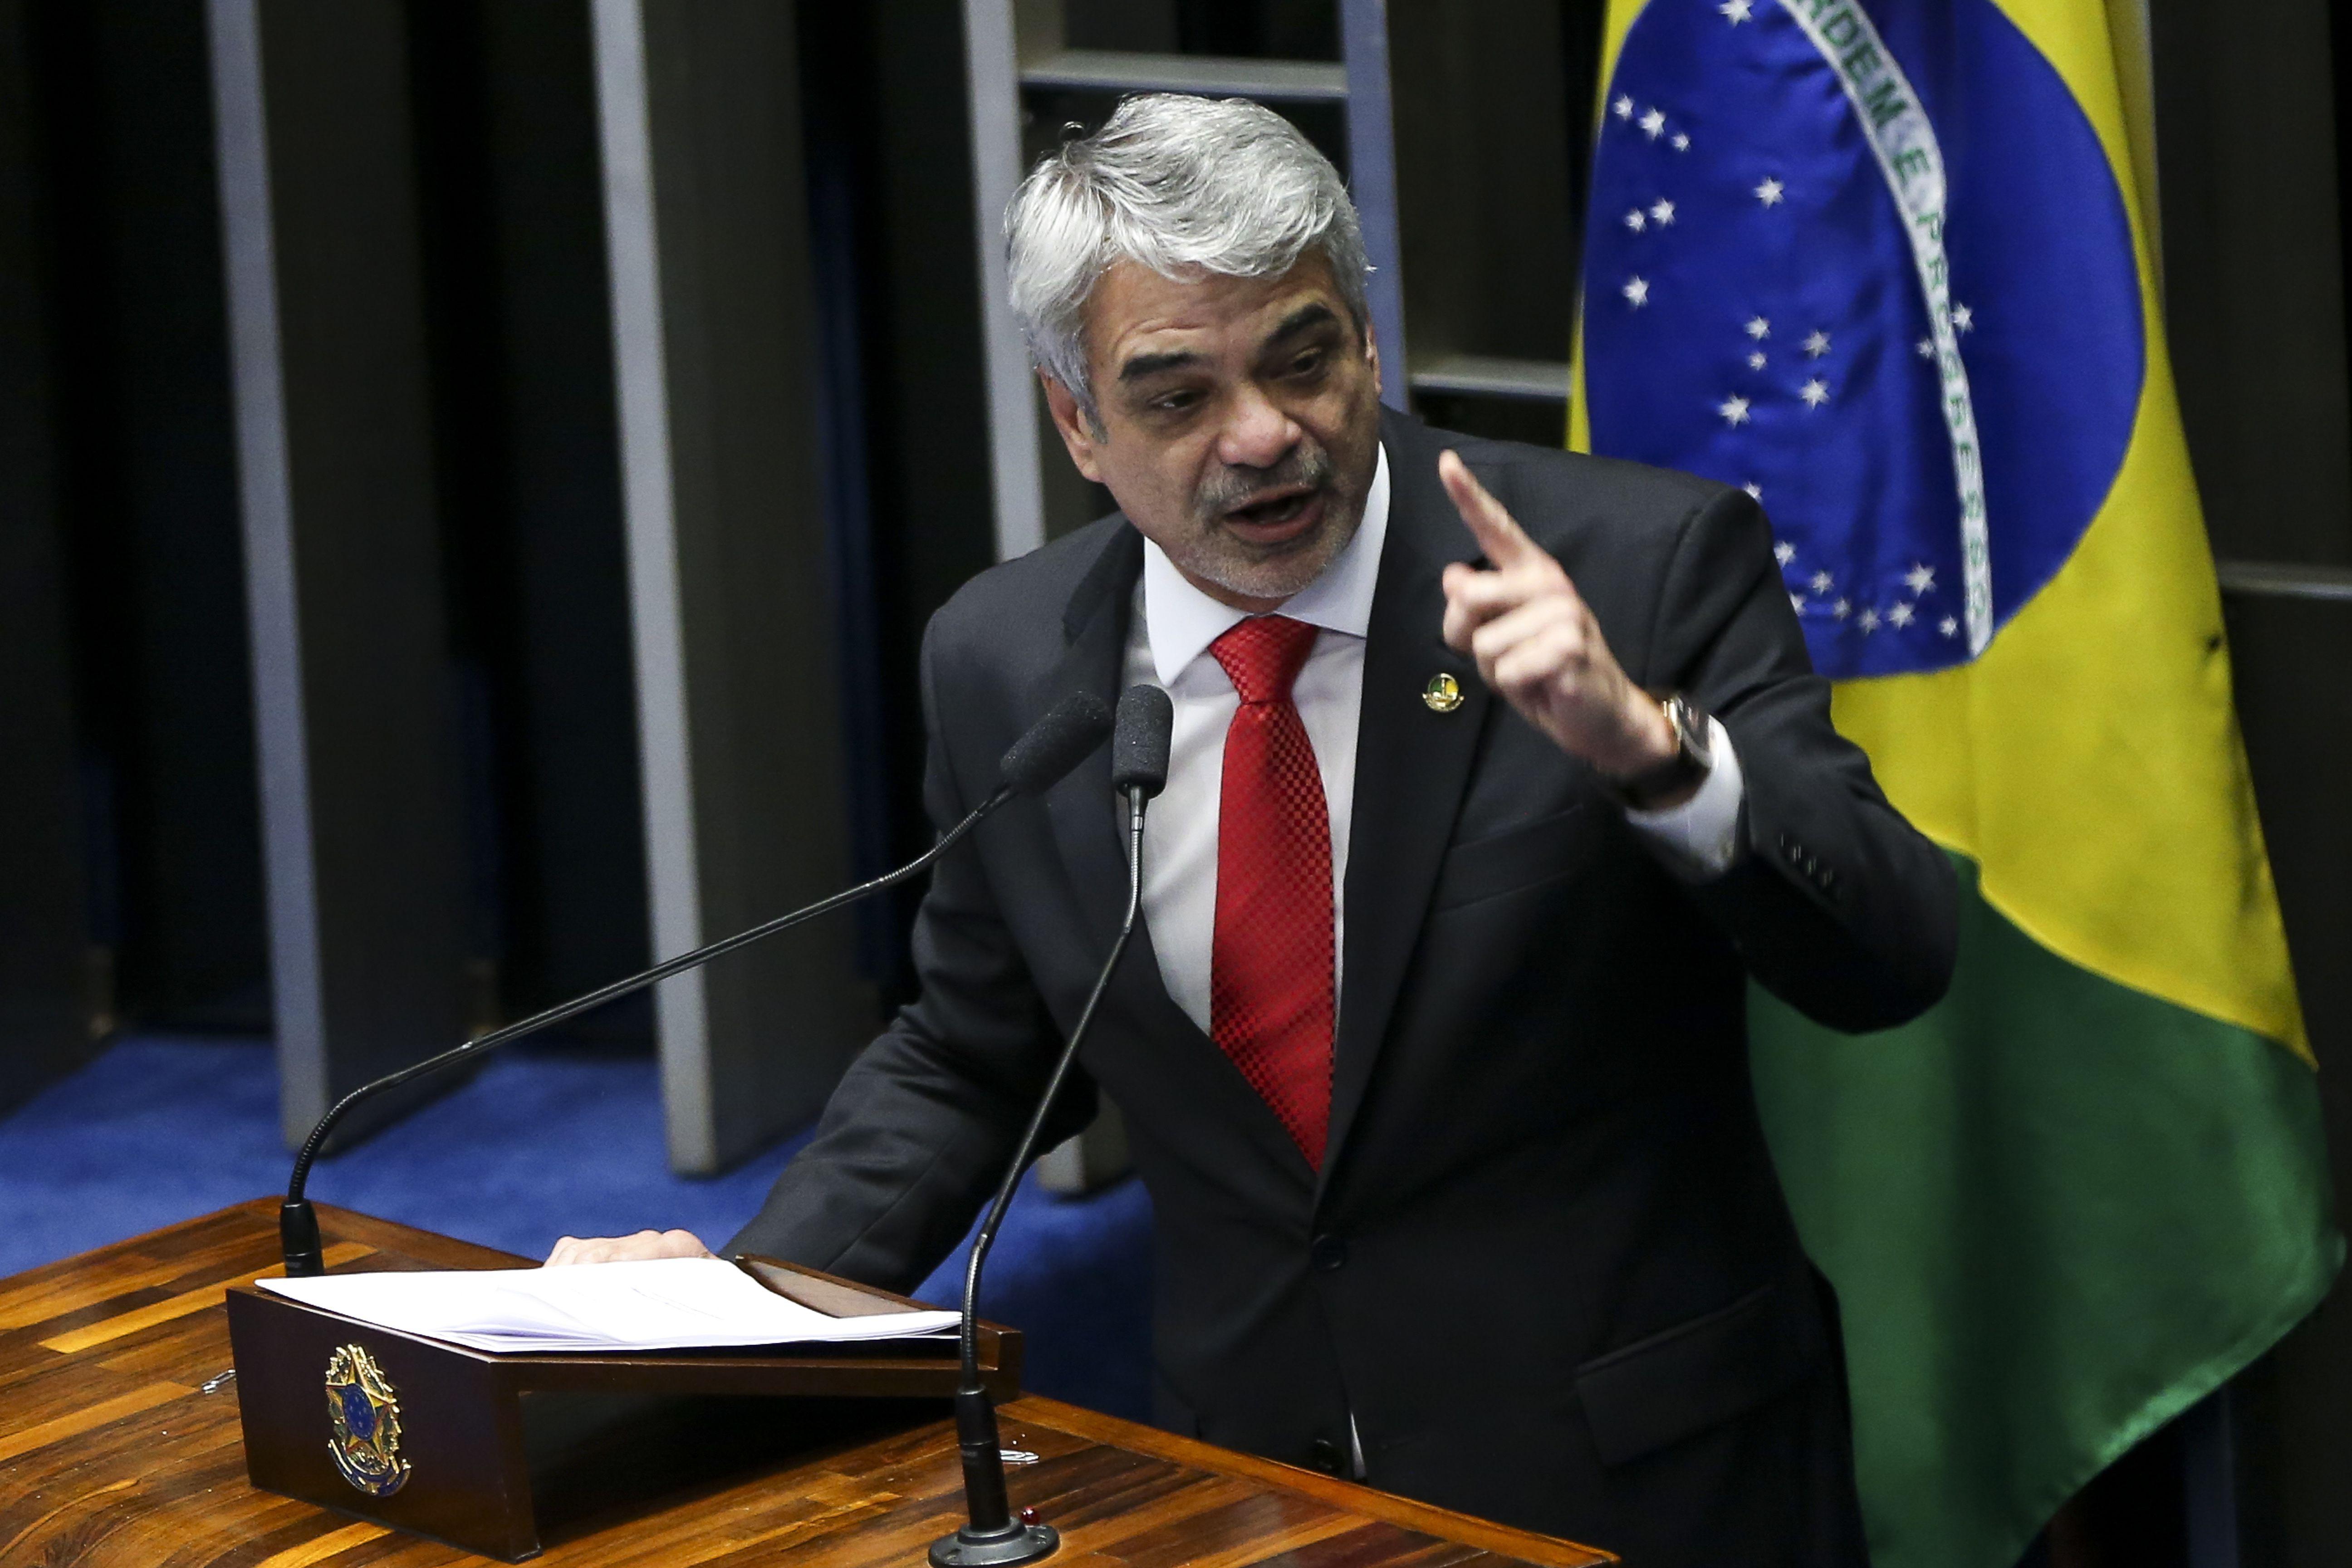 IMAGEM: 'A lista do próprio governo aponta fatos concretos' para a CPI, diz petista